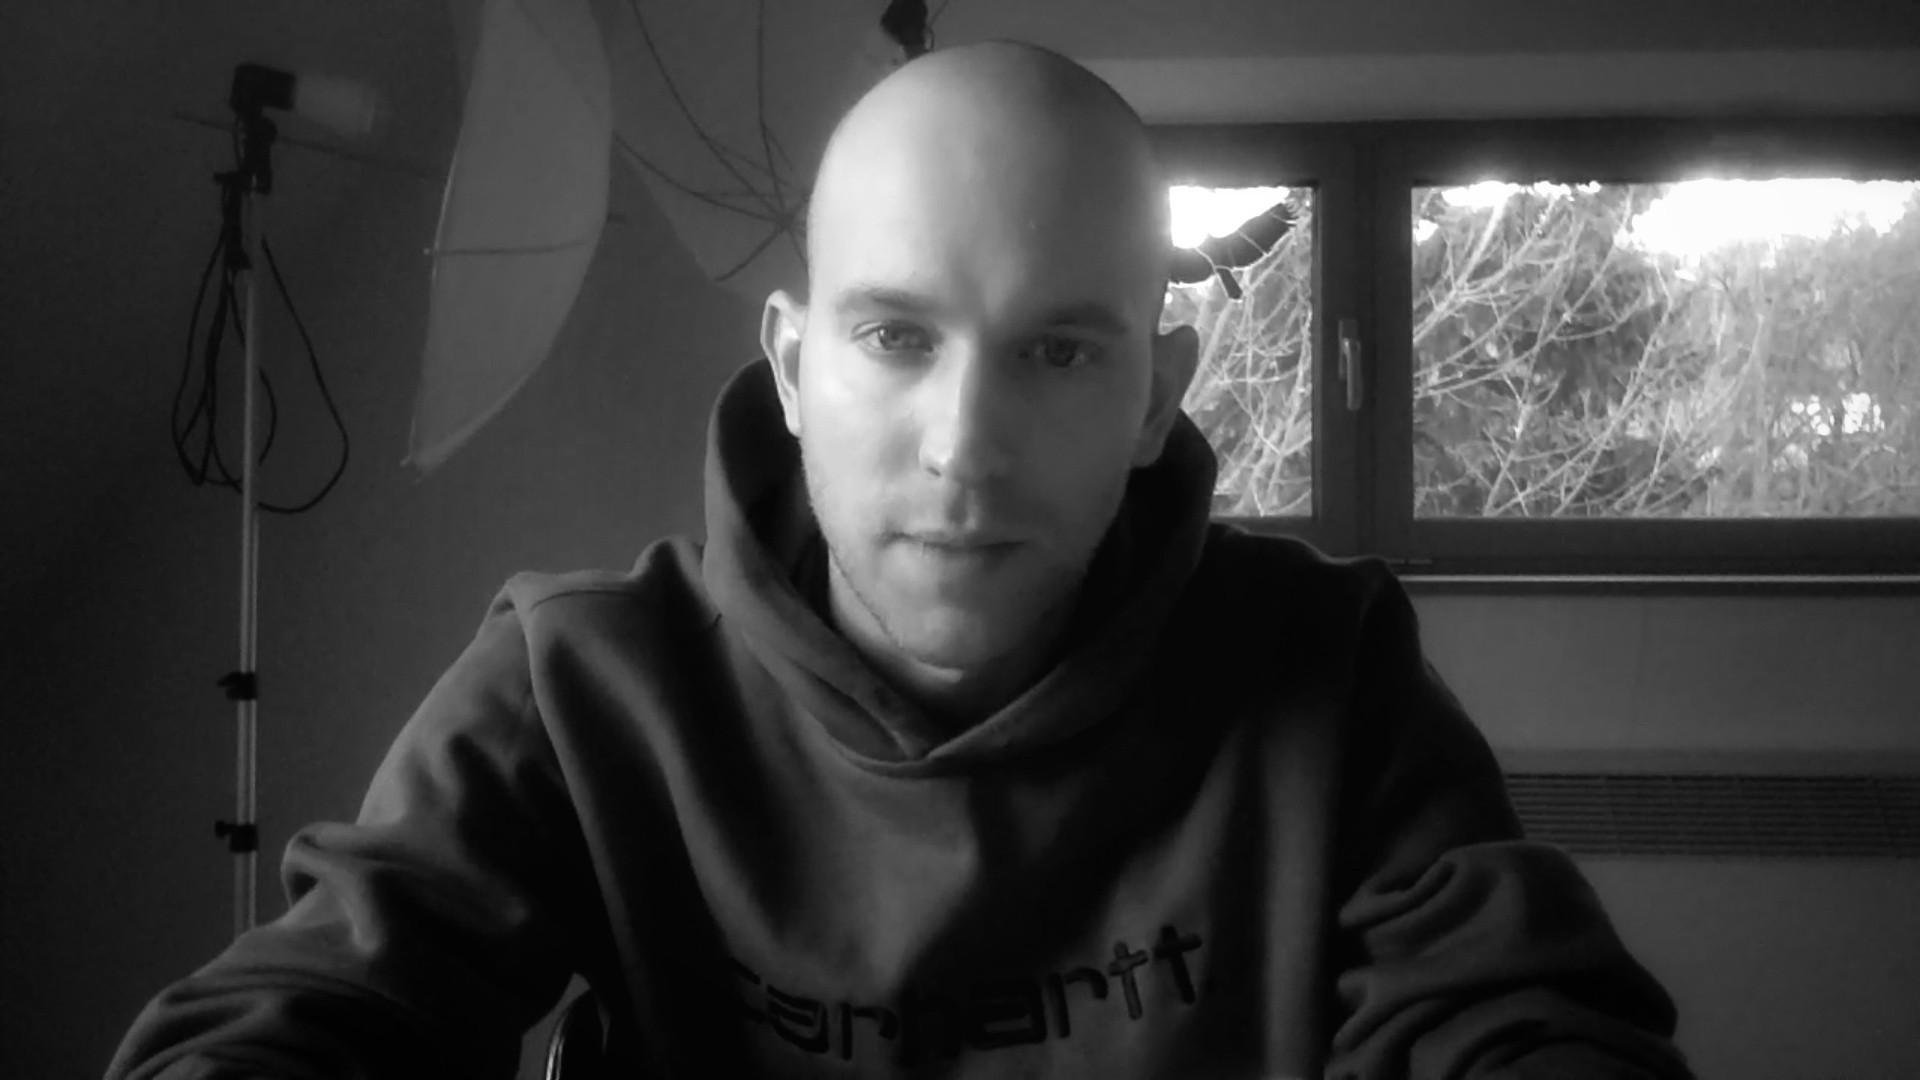 Szirén(én)ek a szolidaritásért - interjú Kolbenheyer Erikkel, az EXILES kiadó vezetőjével